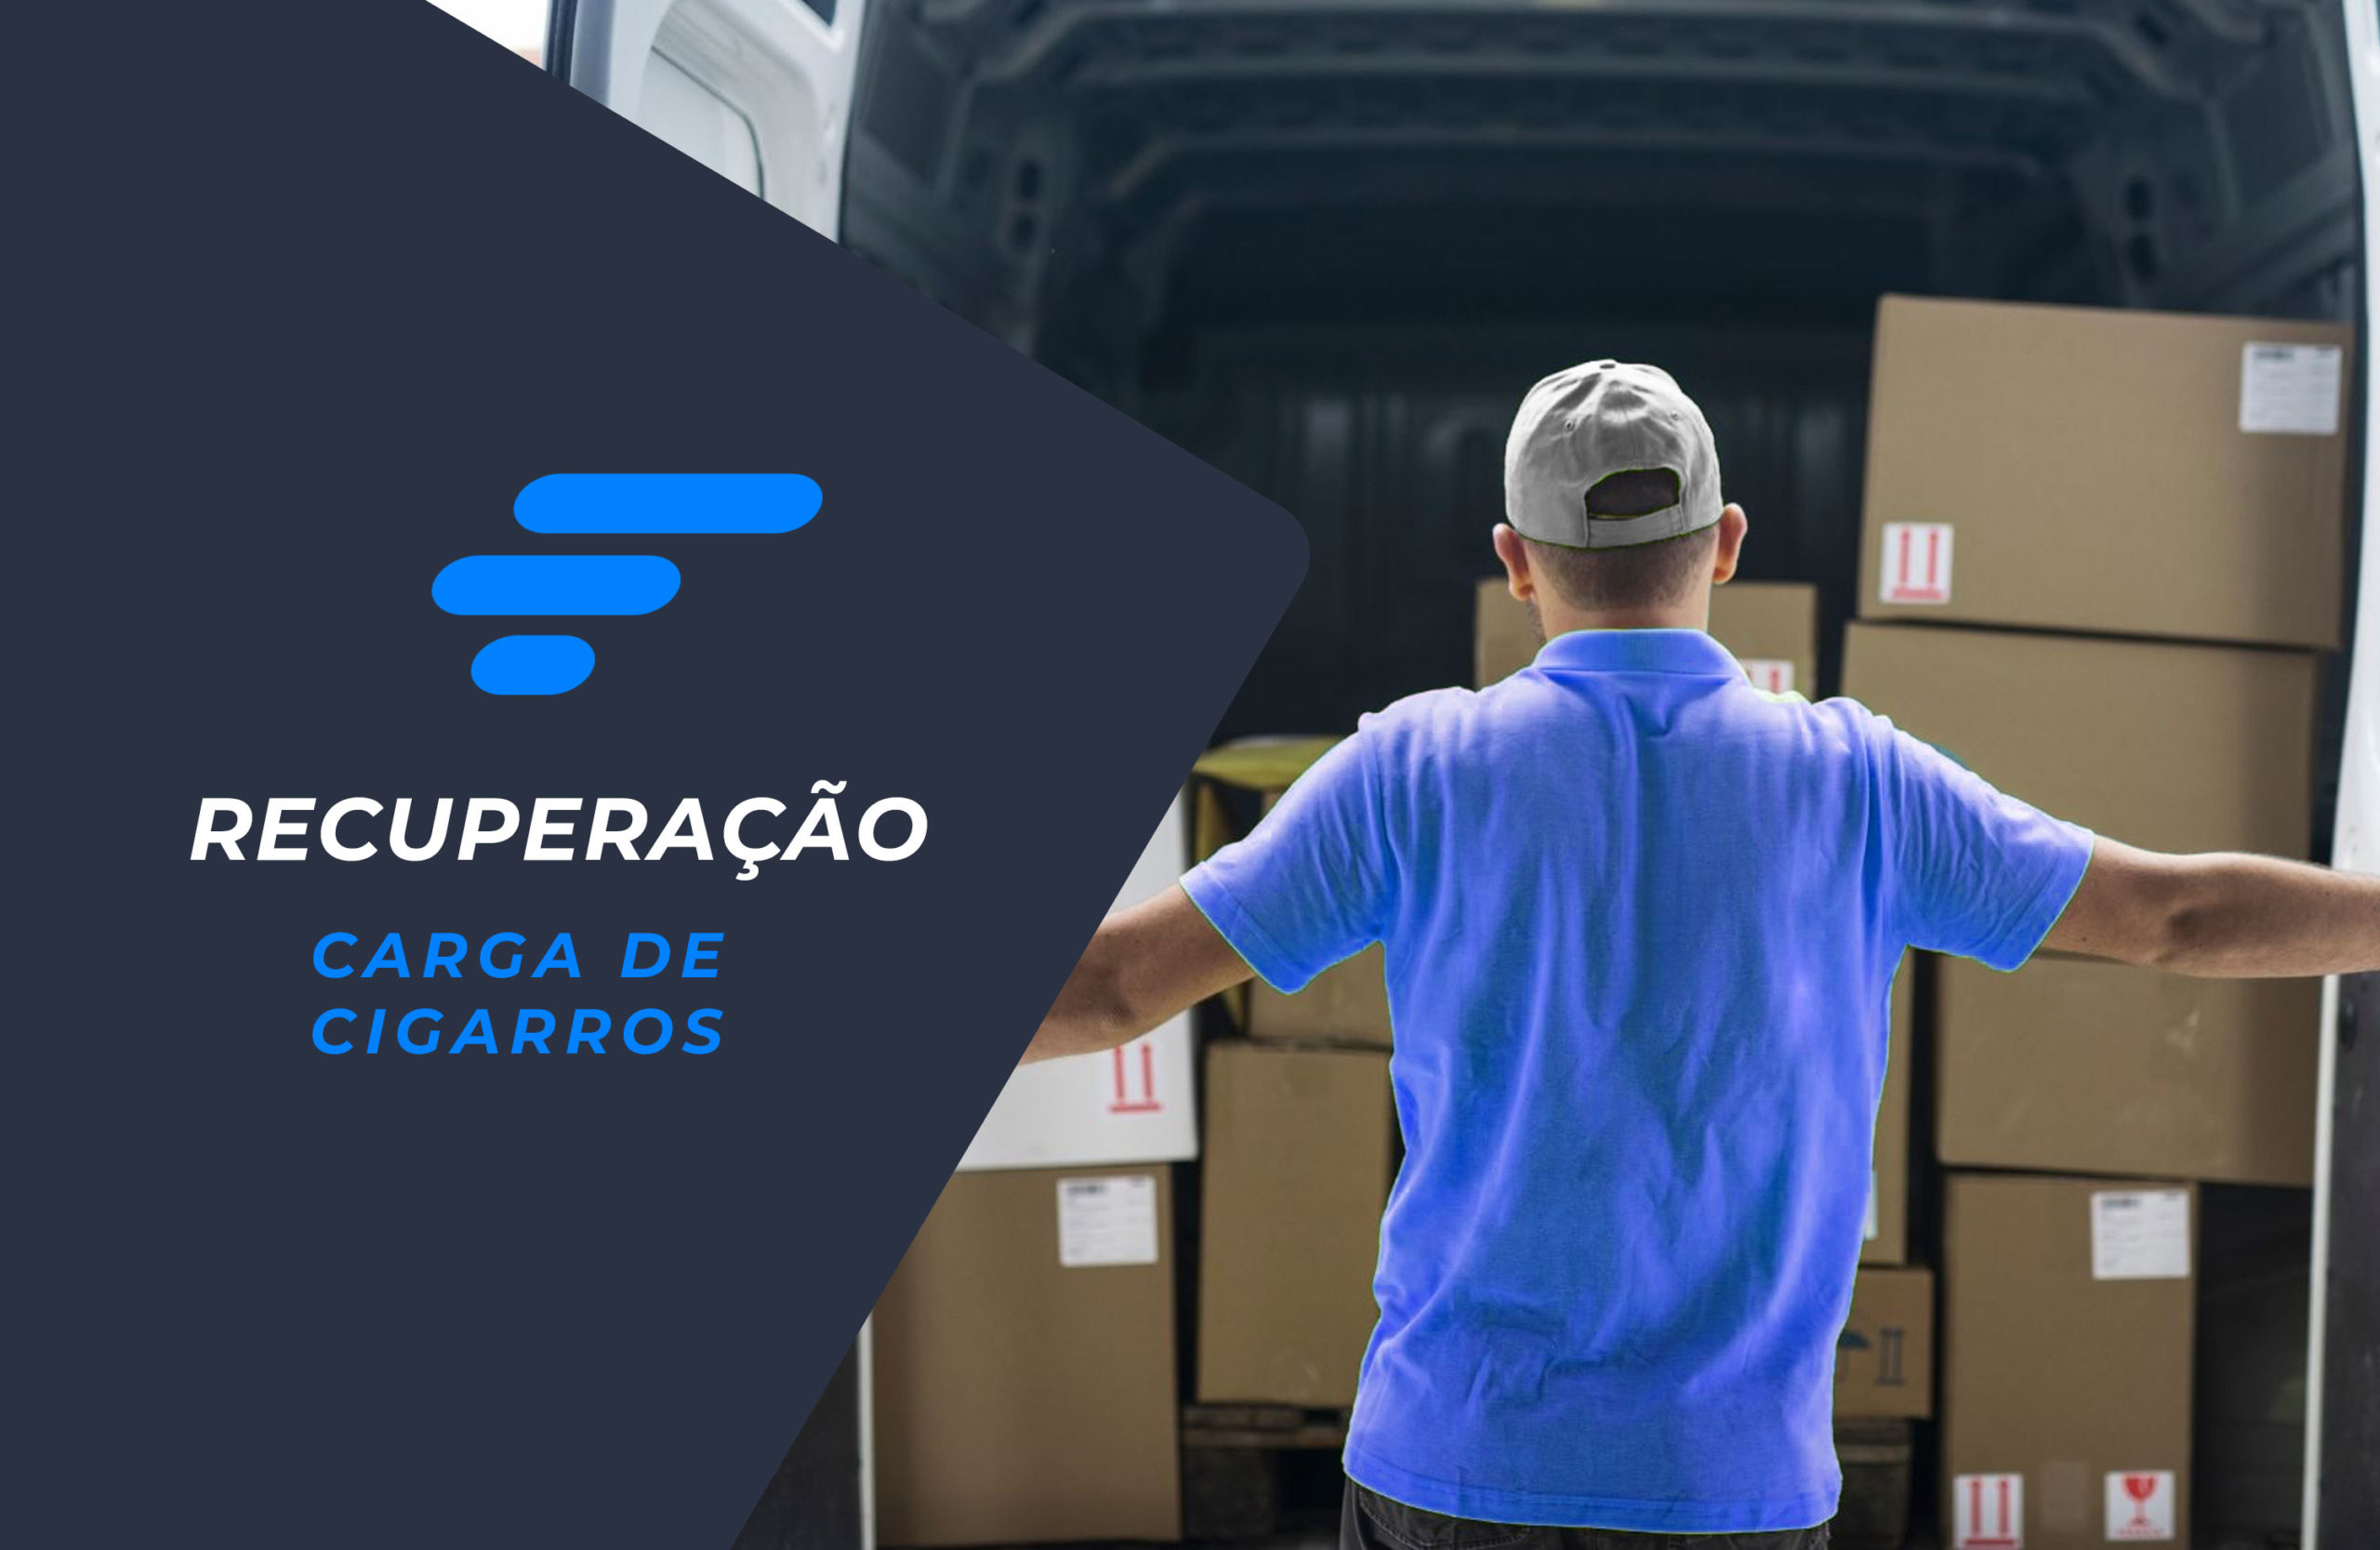 Central de Monitoramento Skymark apoia recuperação de carga de cigarros em Porto Alegre – RS